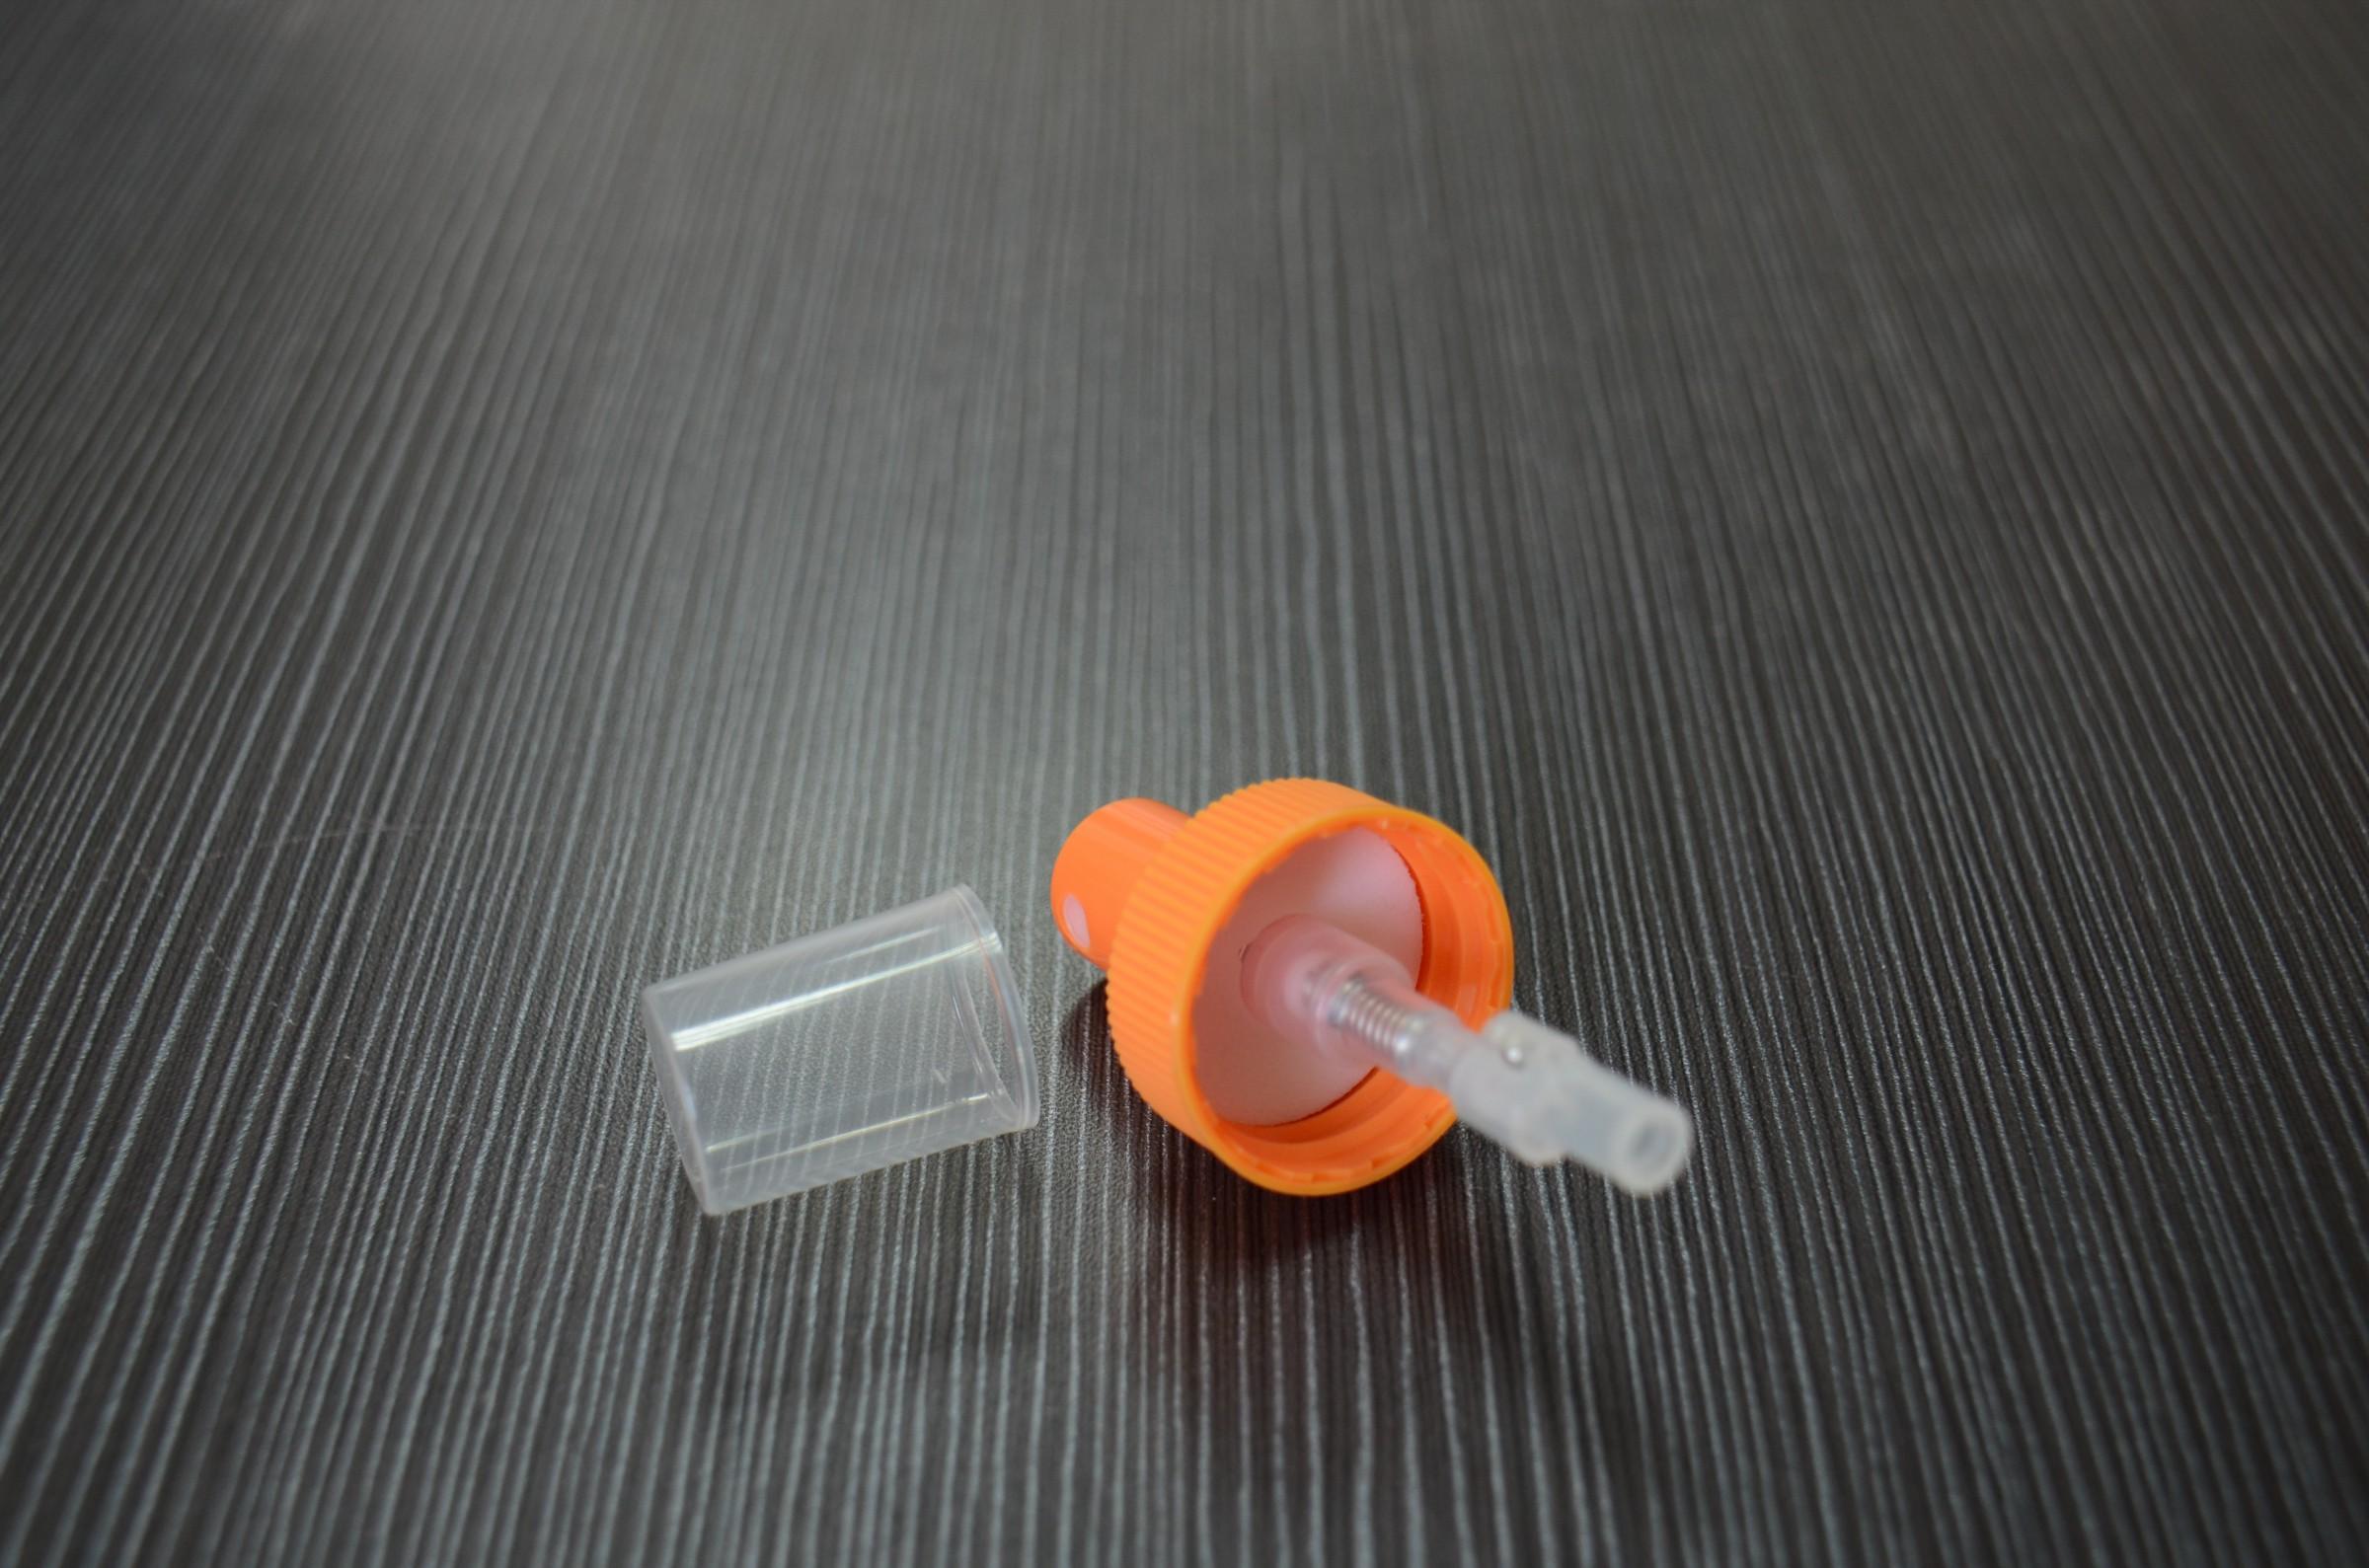 Orange 360 degrees ribbed spray mister